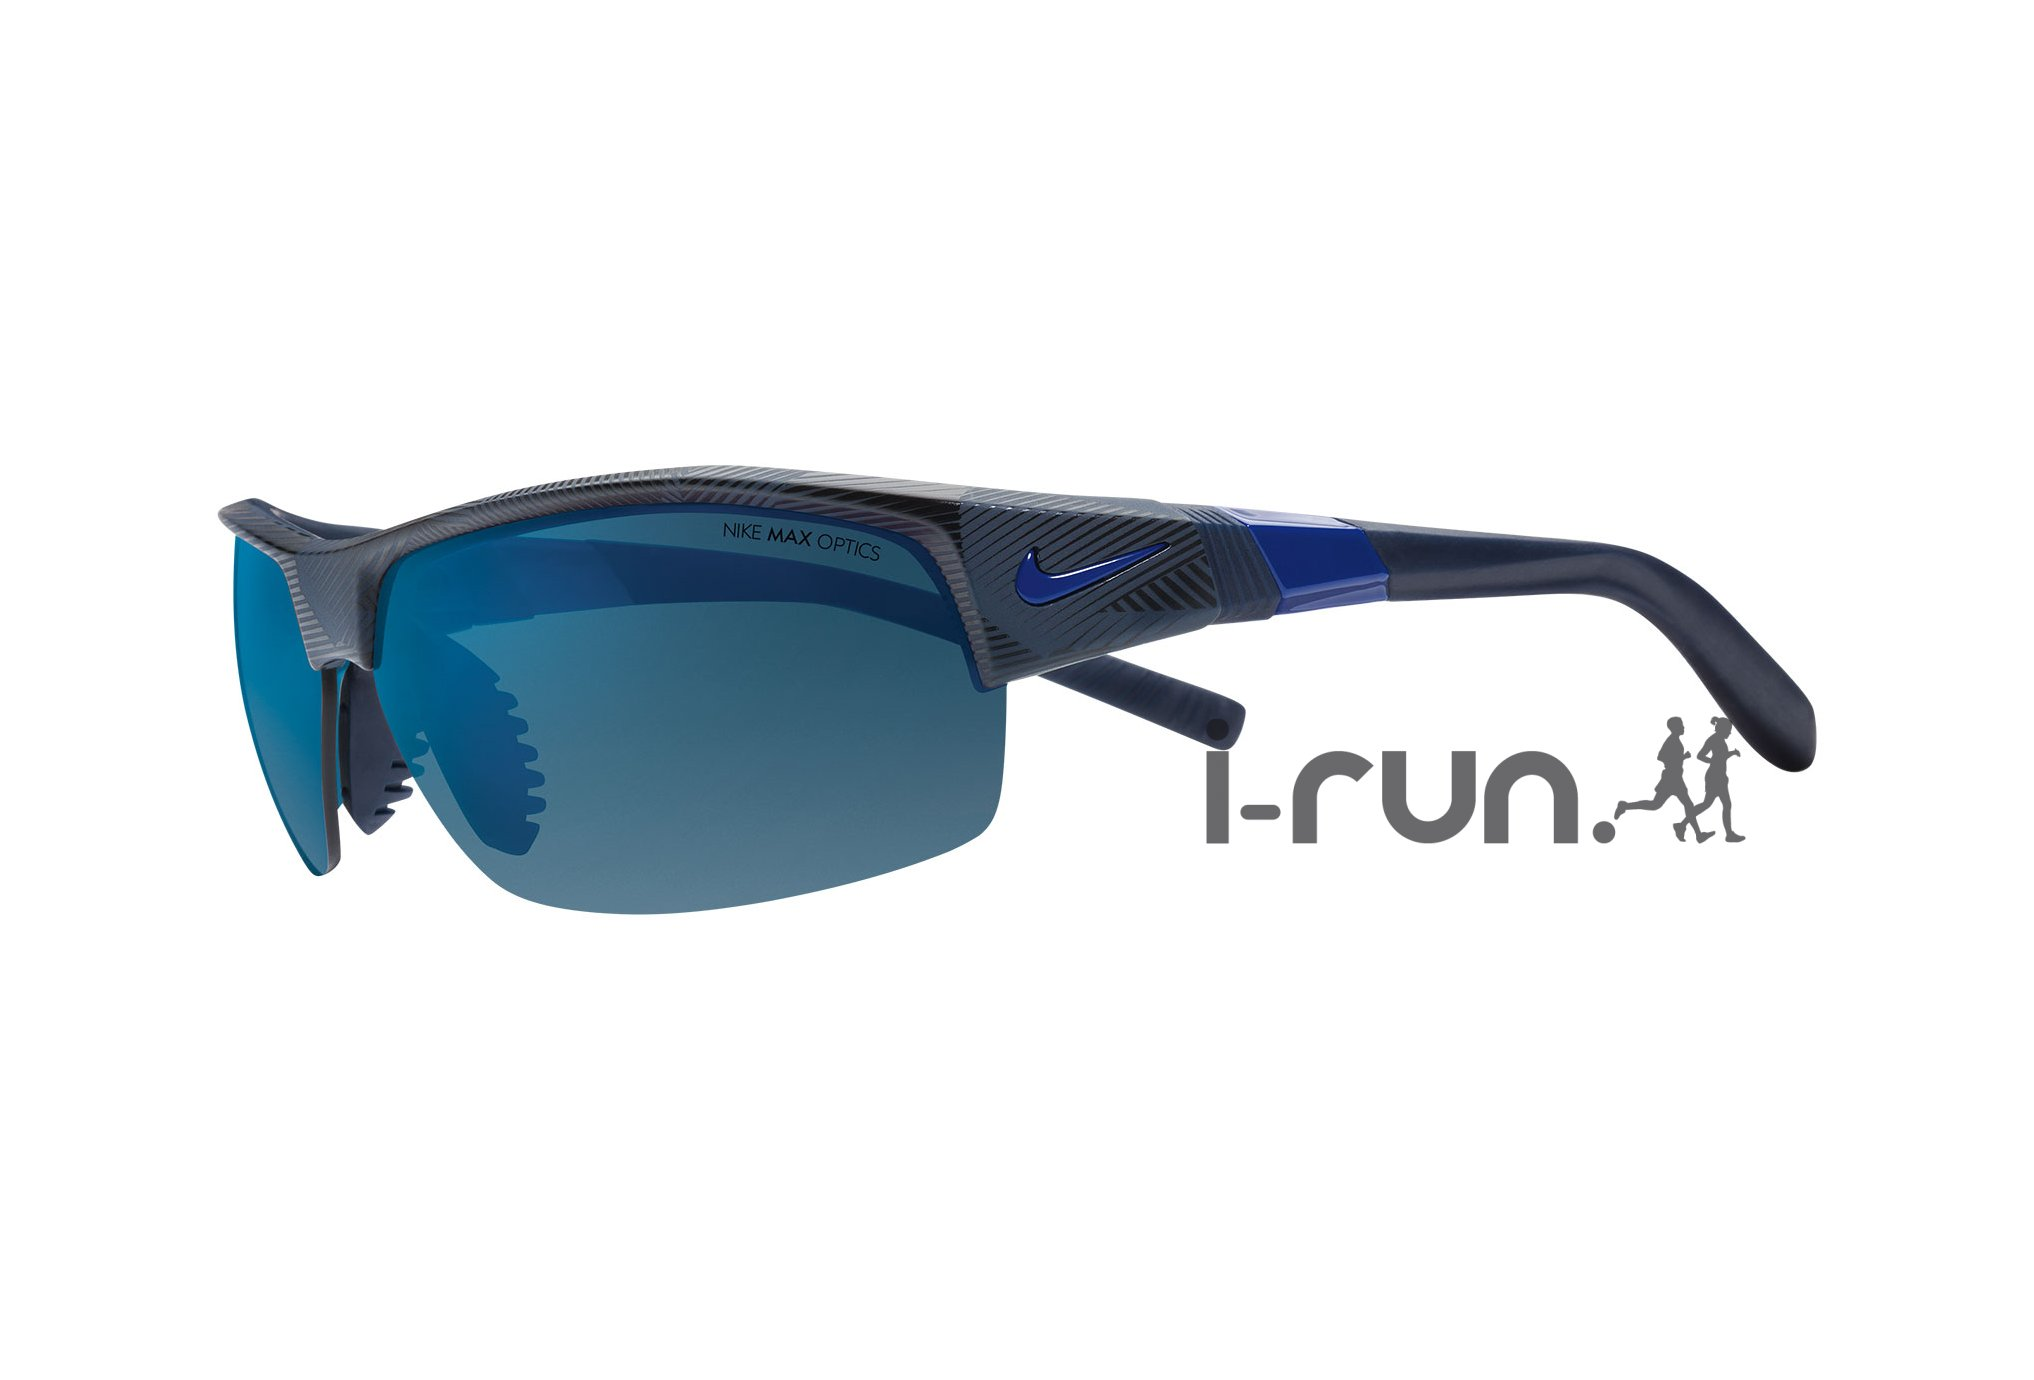 ade11ec565275 Raid Sénon Aventure - Nike Lunettes de soleil Premier 6.0 Lunettes